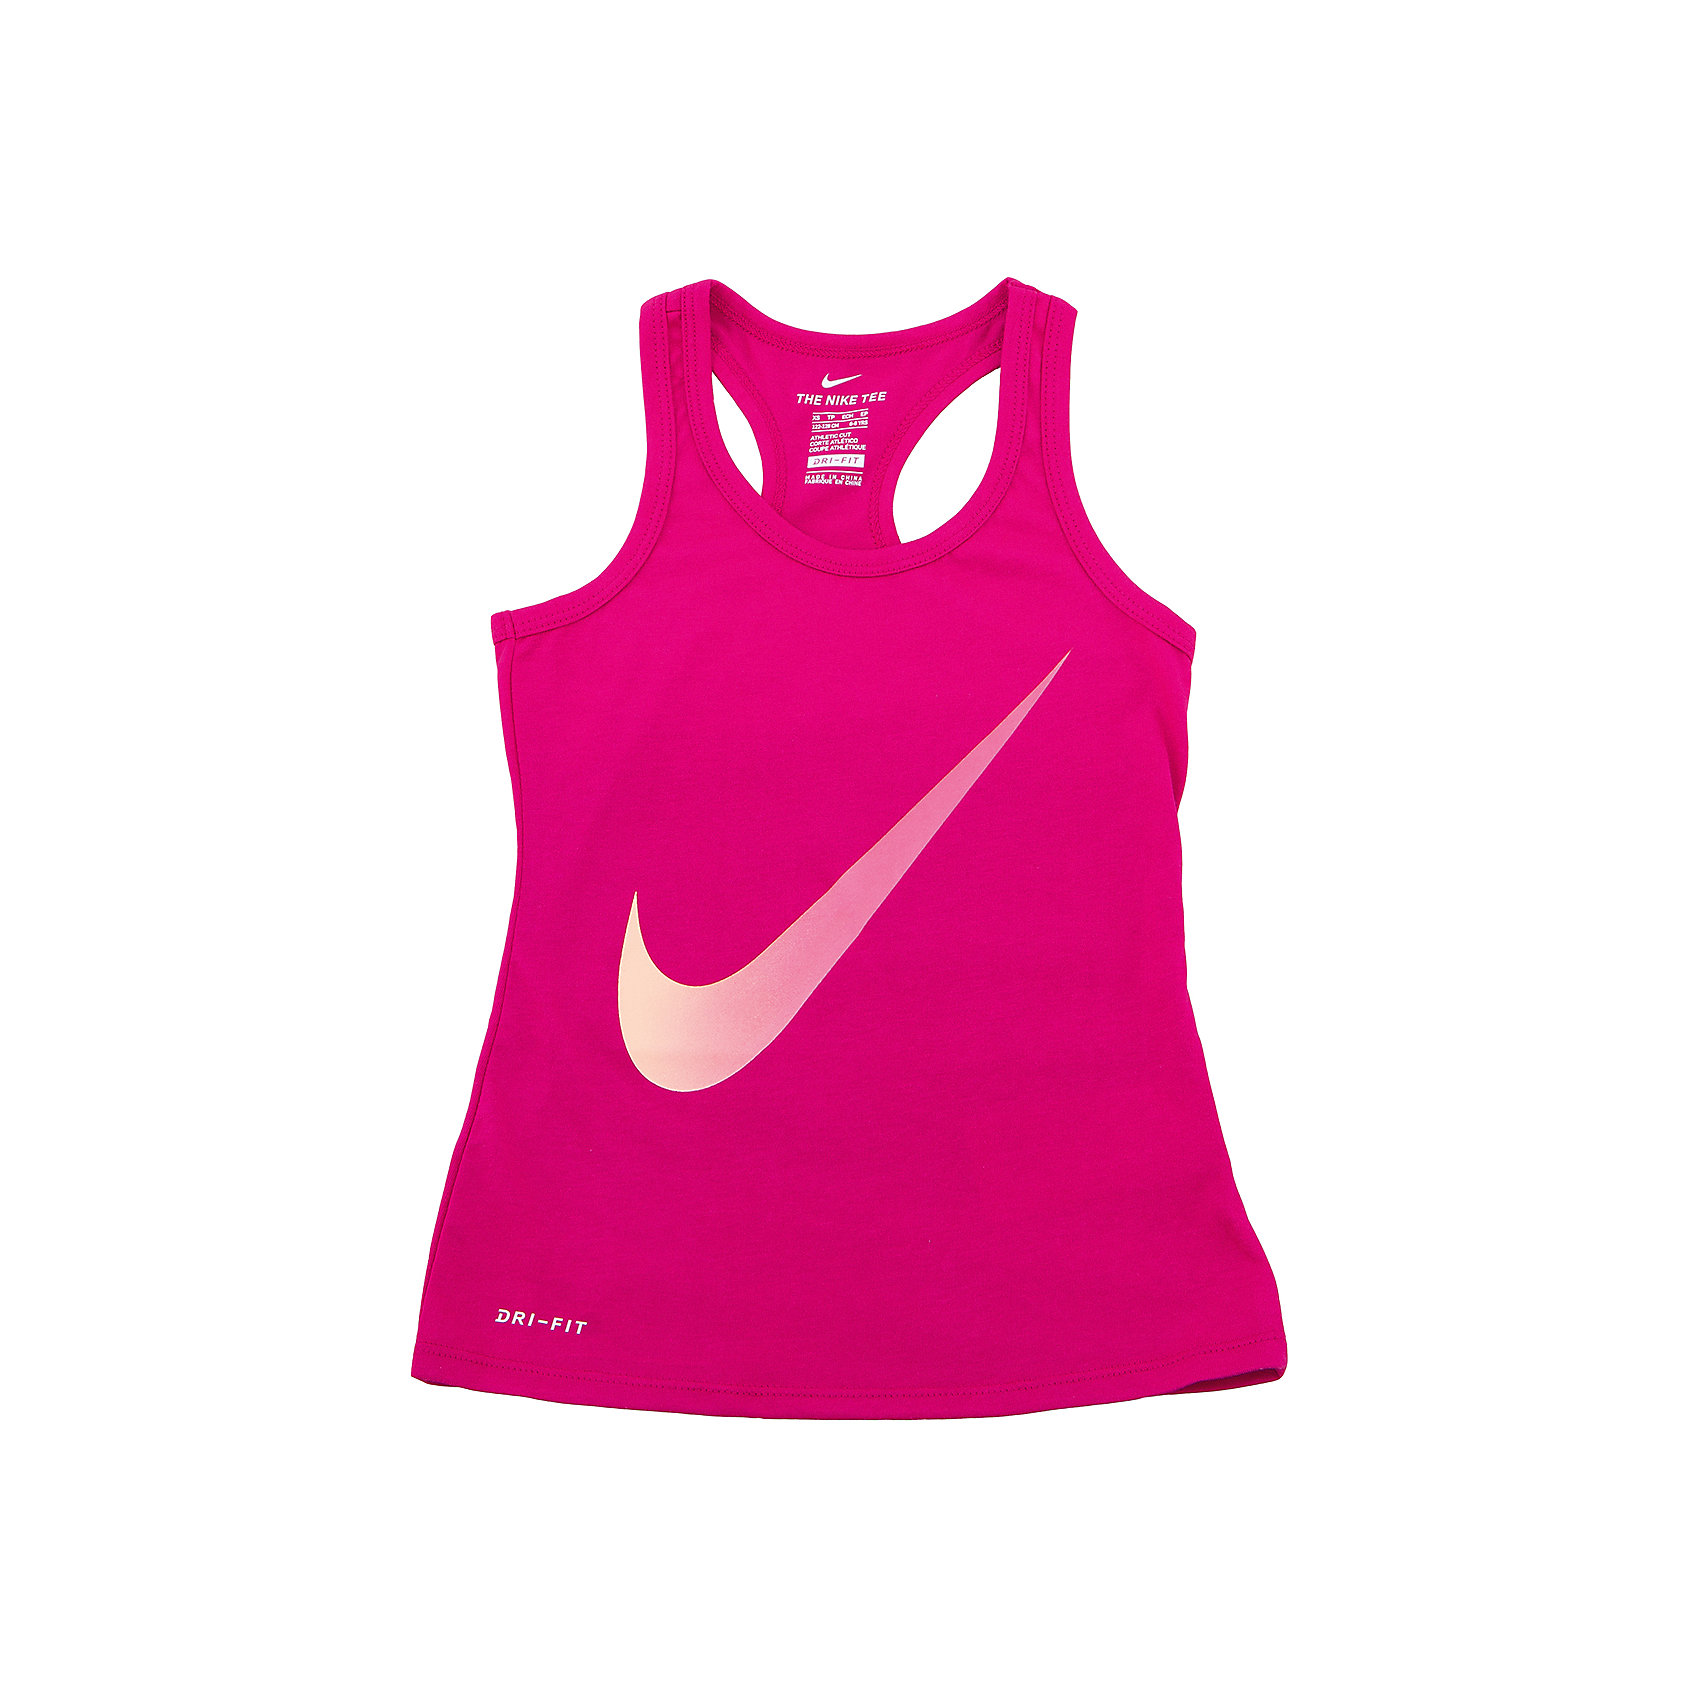 Майка NIKEСпортивная форма<br>Характеристики товара:<br><br>• цвет: розовый<br>• состав ткани: 60% хлопок, 40% полиэстер<br>• сезон: лето<br>• особенности модели: спортивный стиль<br>• технология: Dri-FIT<br>• страна бренда: США<br>• страна изготовитель: Китай<br><br>Яркая спортивная майка Nike декорирована большим логотипом. Стильная майка от Nike может быть одеждой для тренировок или дополнять наряд в спортивном стиле. Такая детская майка сделана из легкого дышащего материала с технологией Dri-FIT. <br><br>Майку Nike (Найк) можно купить в нашем интернет-магазине.<br><br>Ширина мм: 199<br>Глубина мм: 10<br>Высота мм: 161<br>Вес г: 151<br>Цвет: розовый<br>Возраст от месяцев: 96<br>Возраст до месяцев: 108<br>Пол: Унисекс<br>Возраст: Детский<br>Размер: 128/134,122/128,158/170,147/158,135/140<br>SKU: 6921404